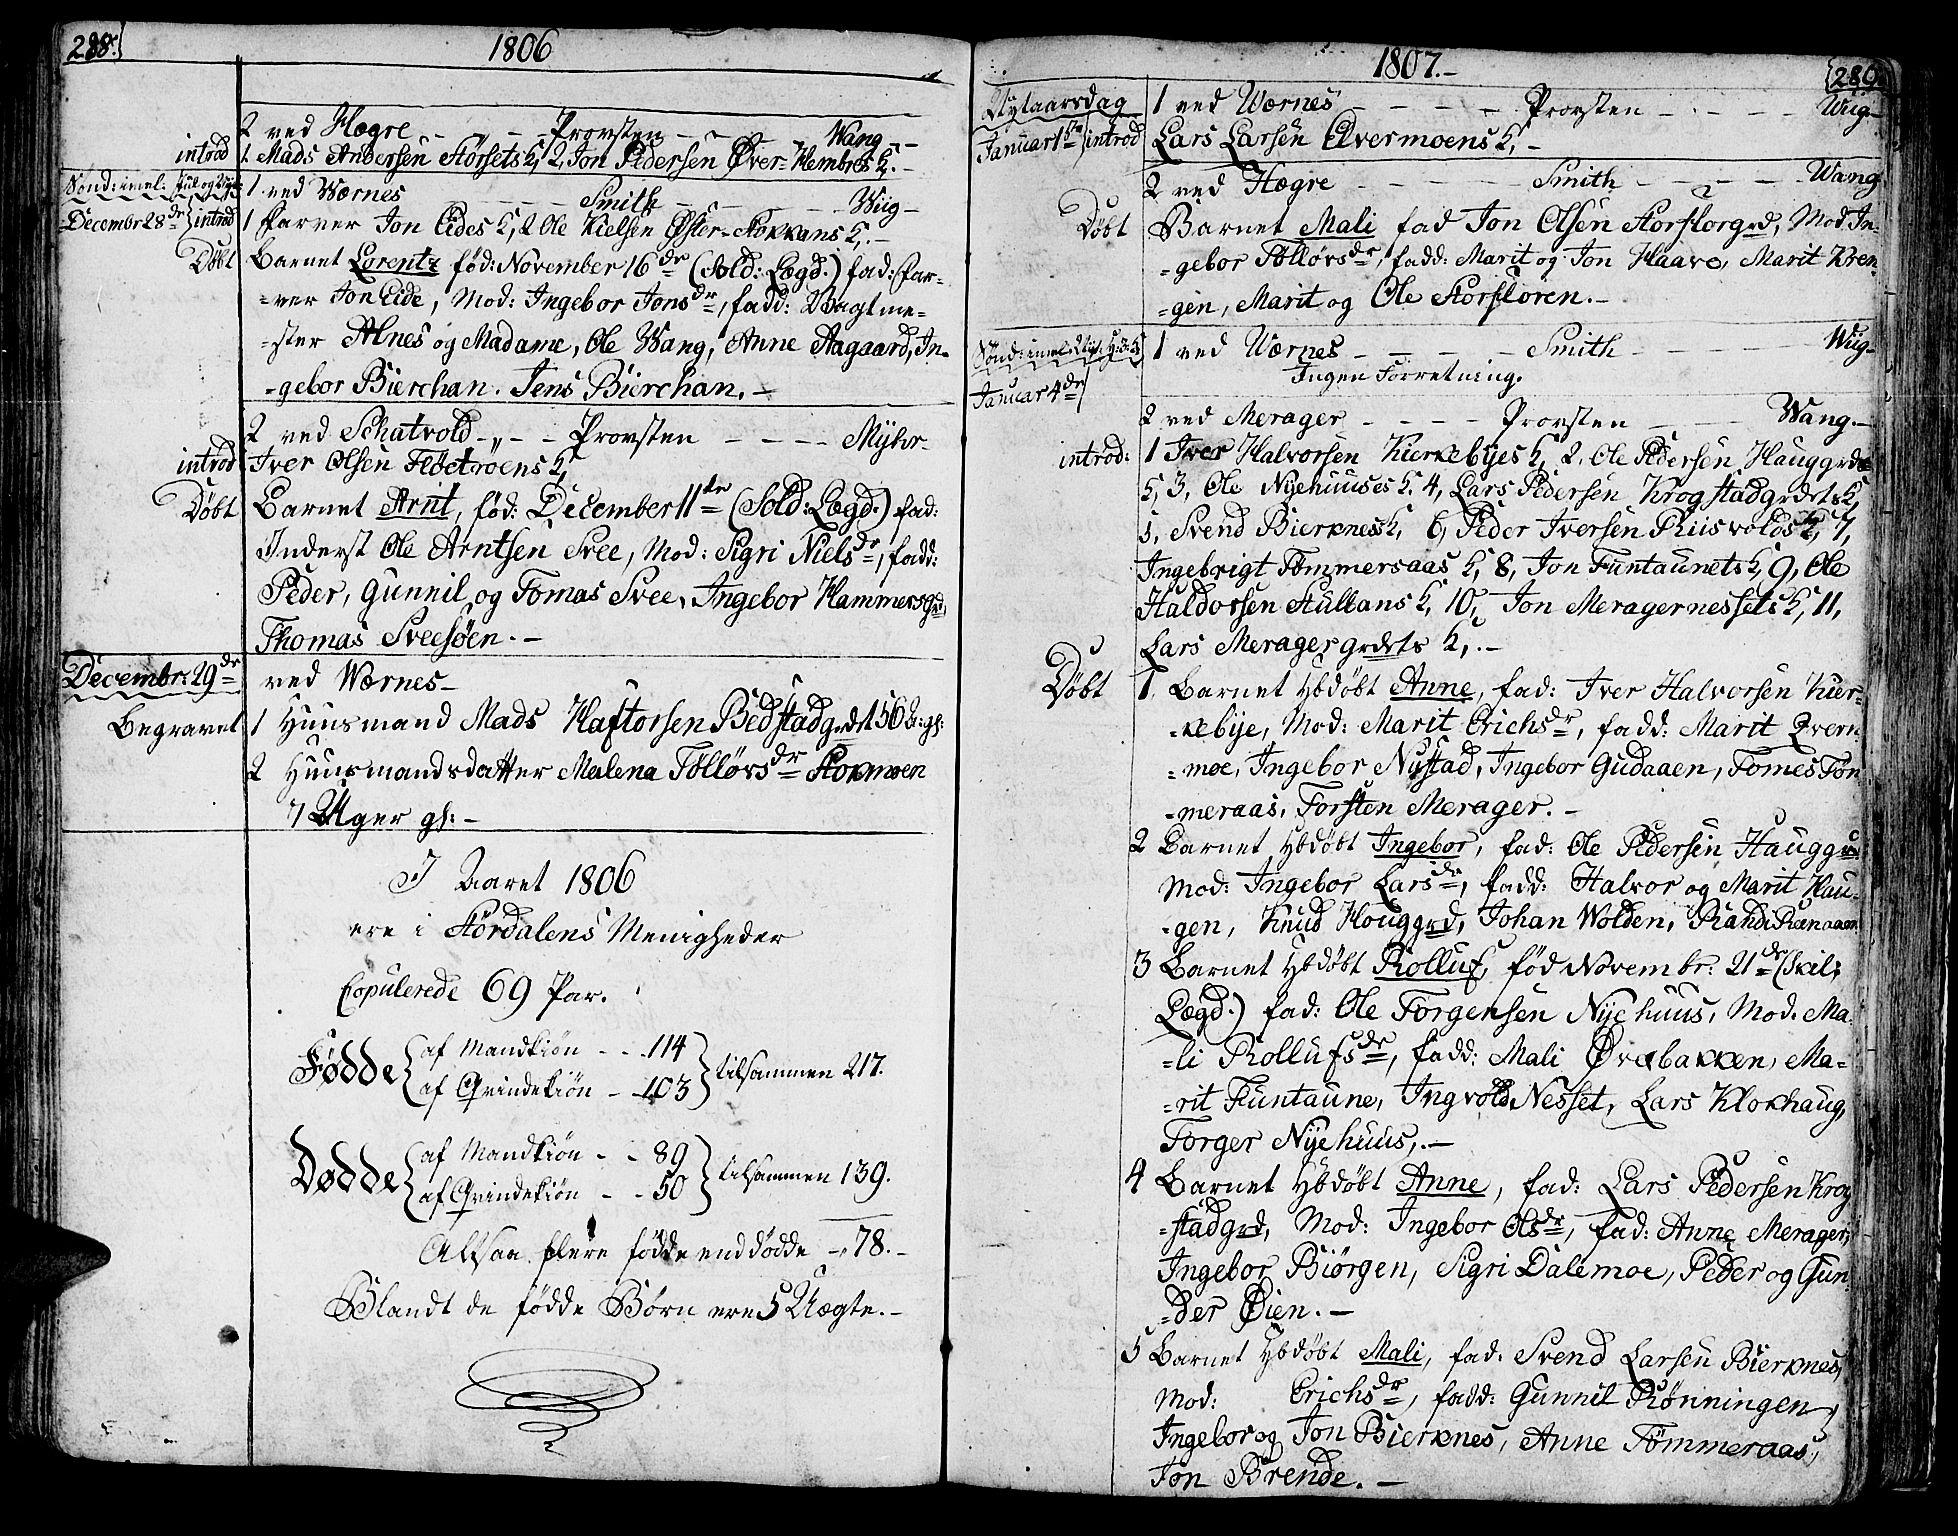 SAT, Ministerialprotokoller, klokkerbøker og fødselsregistre - Nord-Trøndelag, 709/L0060: Ministerialbok nr. 709A07, 1797-1815, s. 288-289